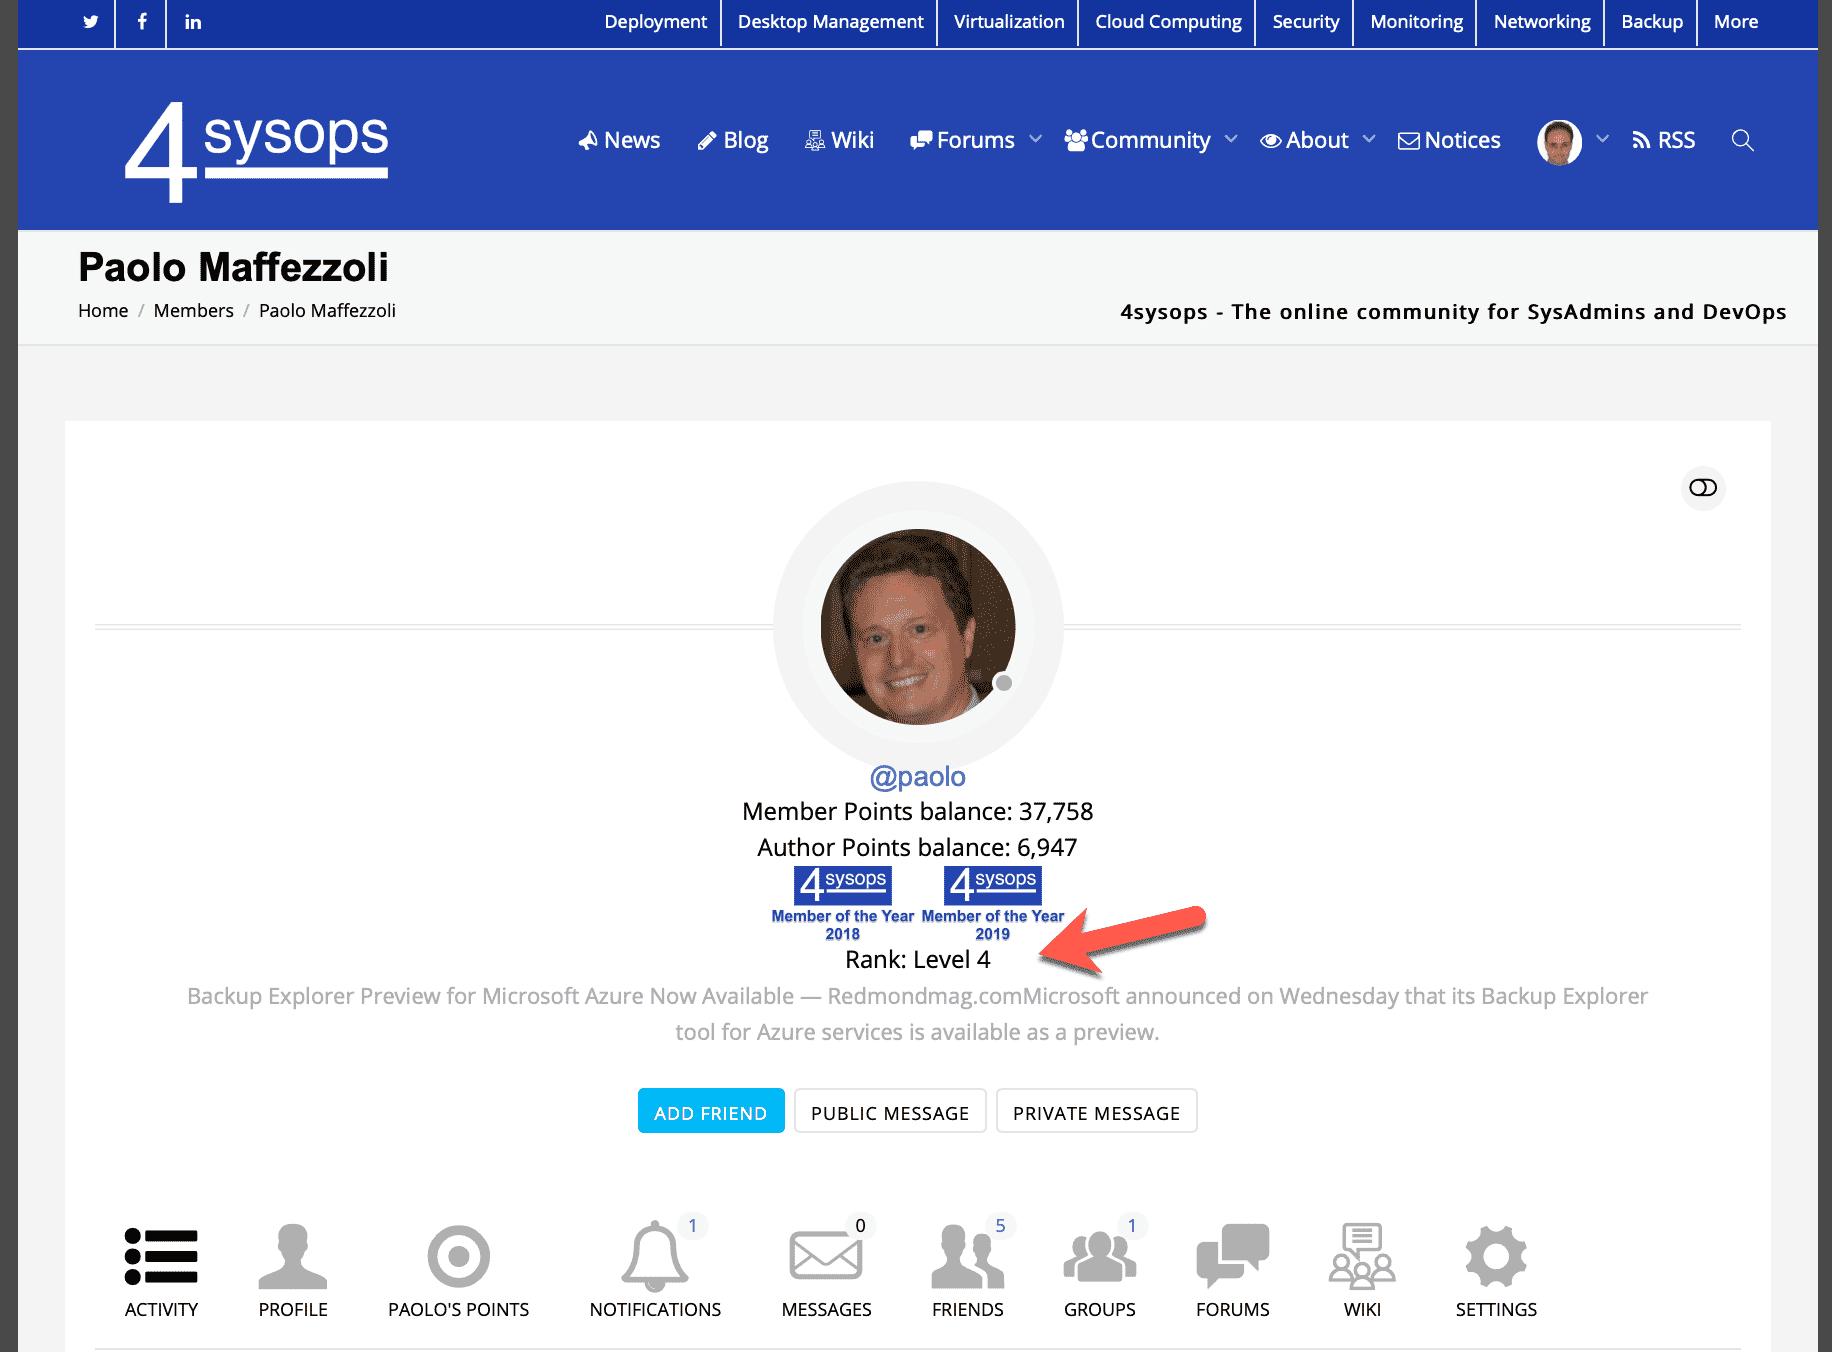 Member rank in the profile